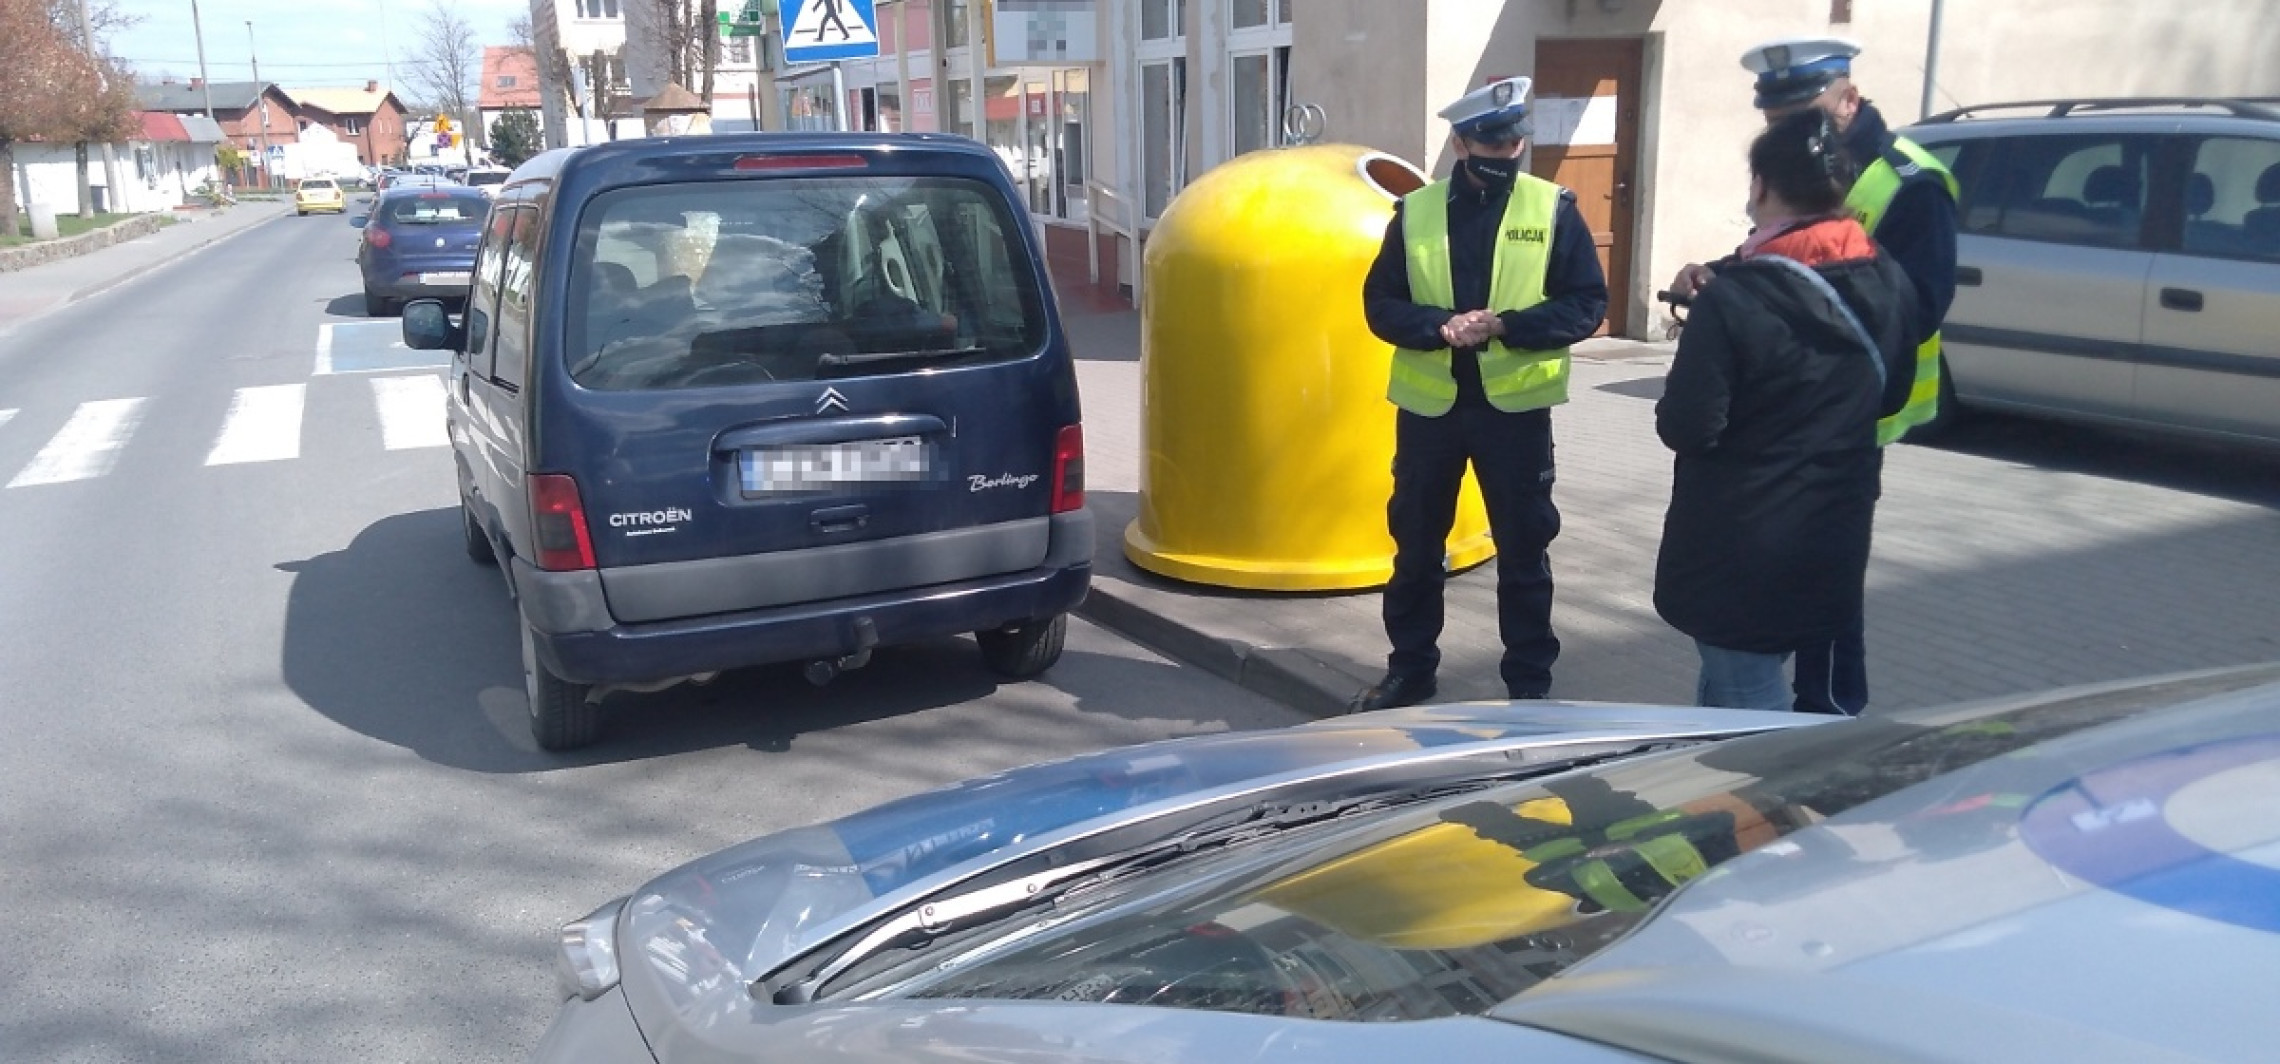 Żnin - Kolejna akcja na drogach policjantów ze Żnina